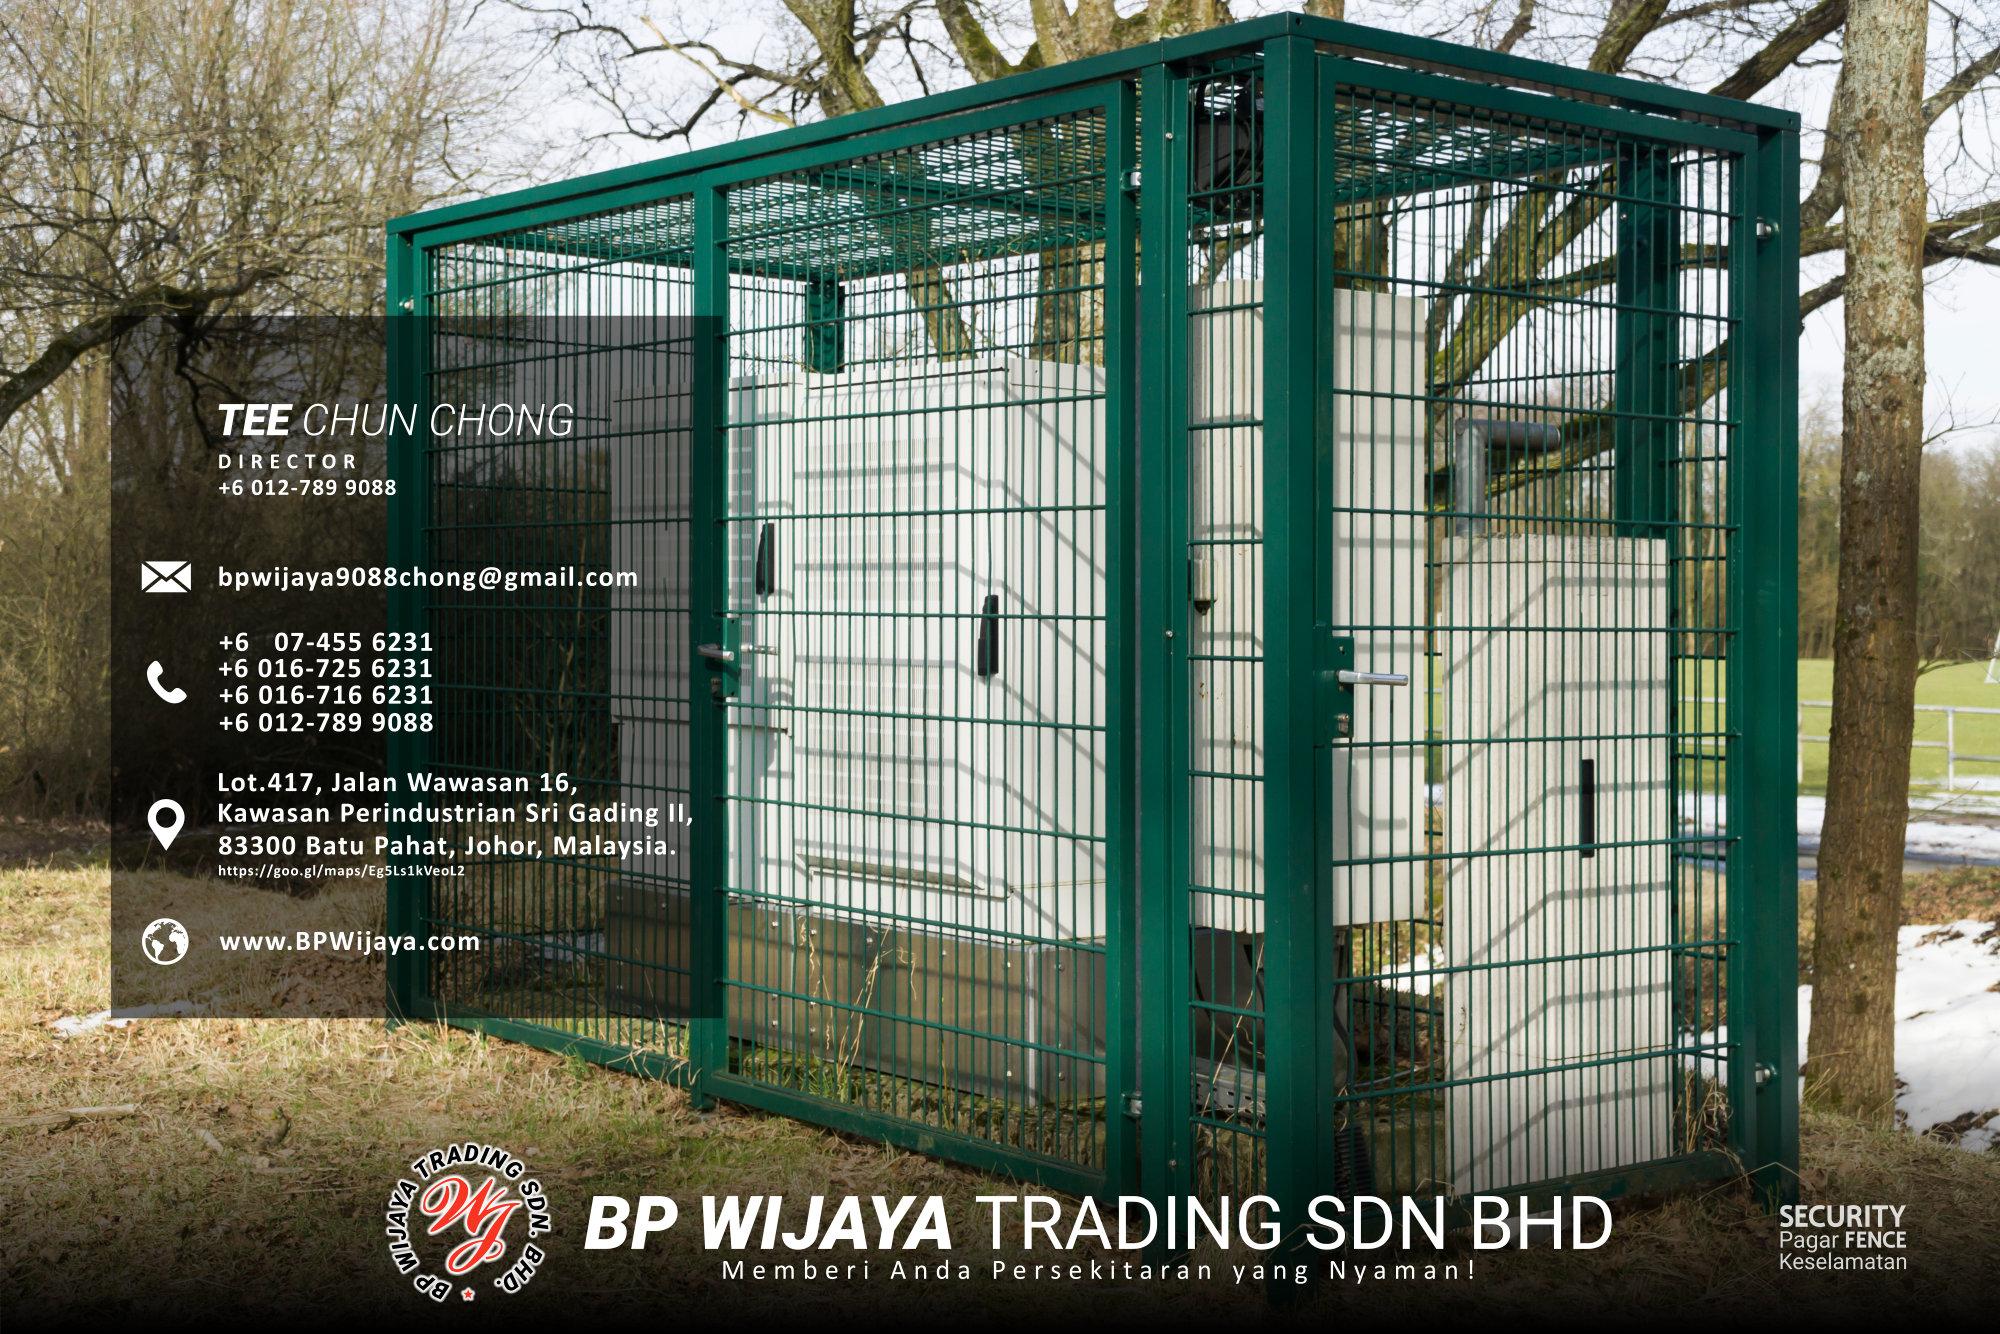 Pembekal Kuala Lumpur Pagar Keselamatan kami merupakan pengilang pagar keselamatan BP Wijaya Trading Sdn Bhd Pagar Taman Pagar Bangunan Pagar Kilang Pagar Rumah Pemborong Pagar Keselamatan A03-018